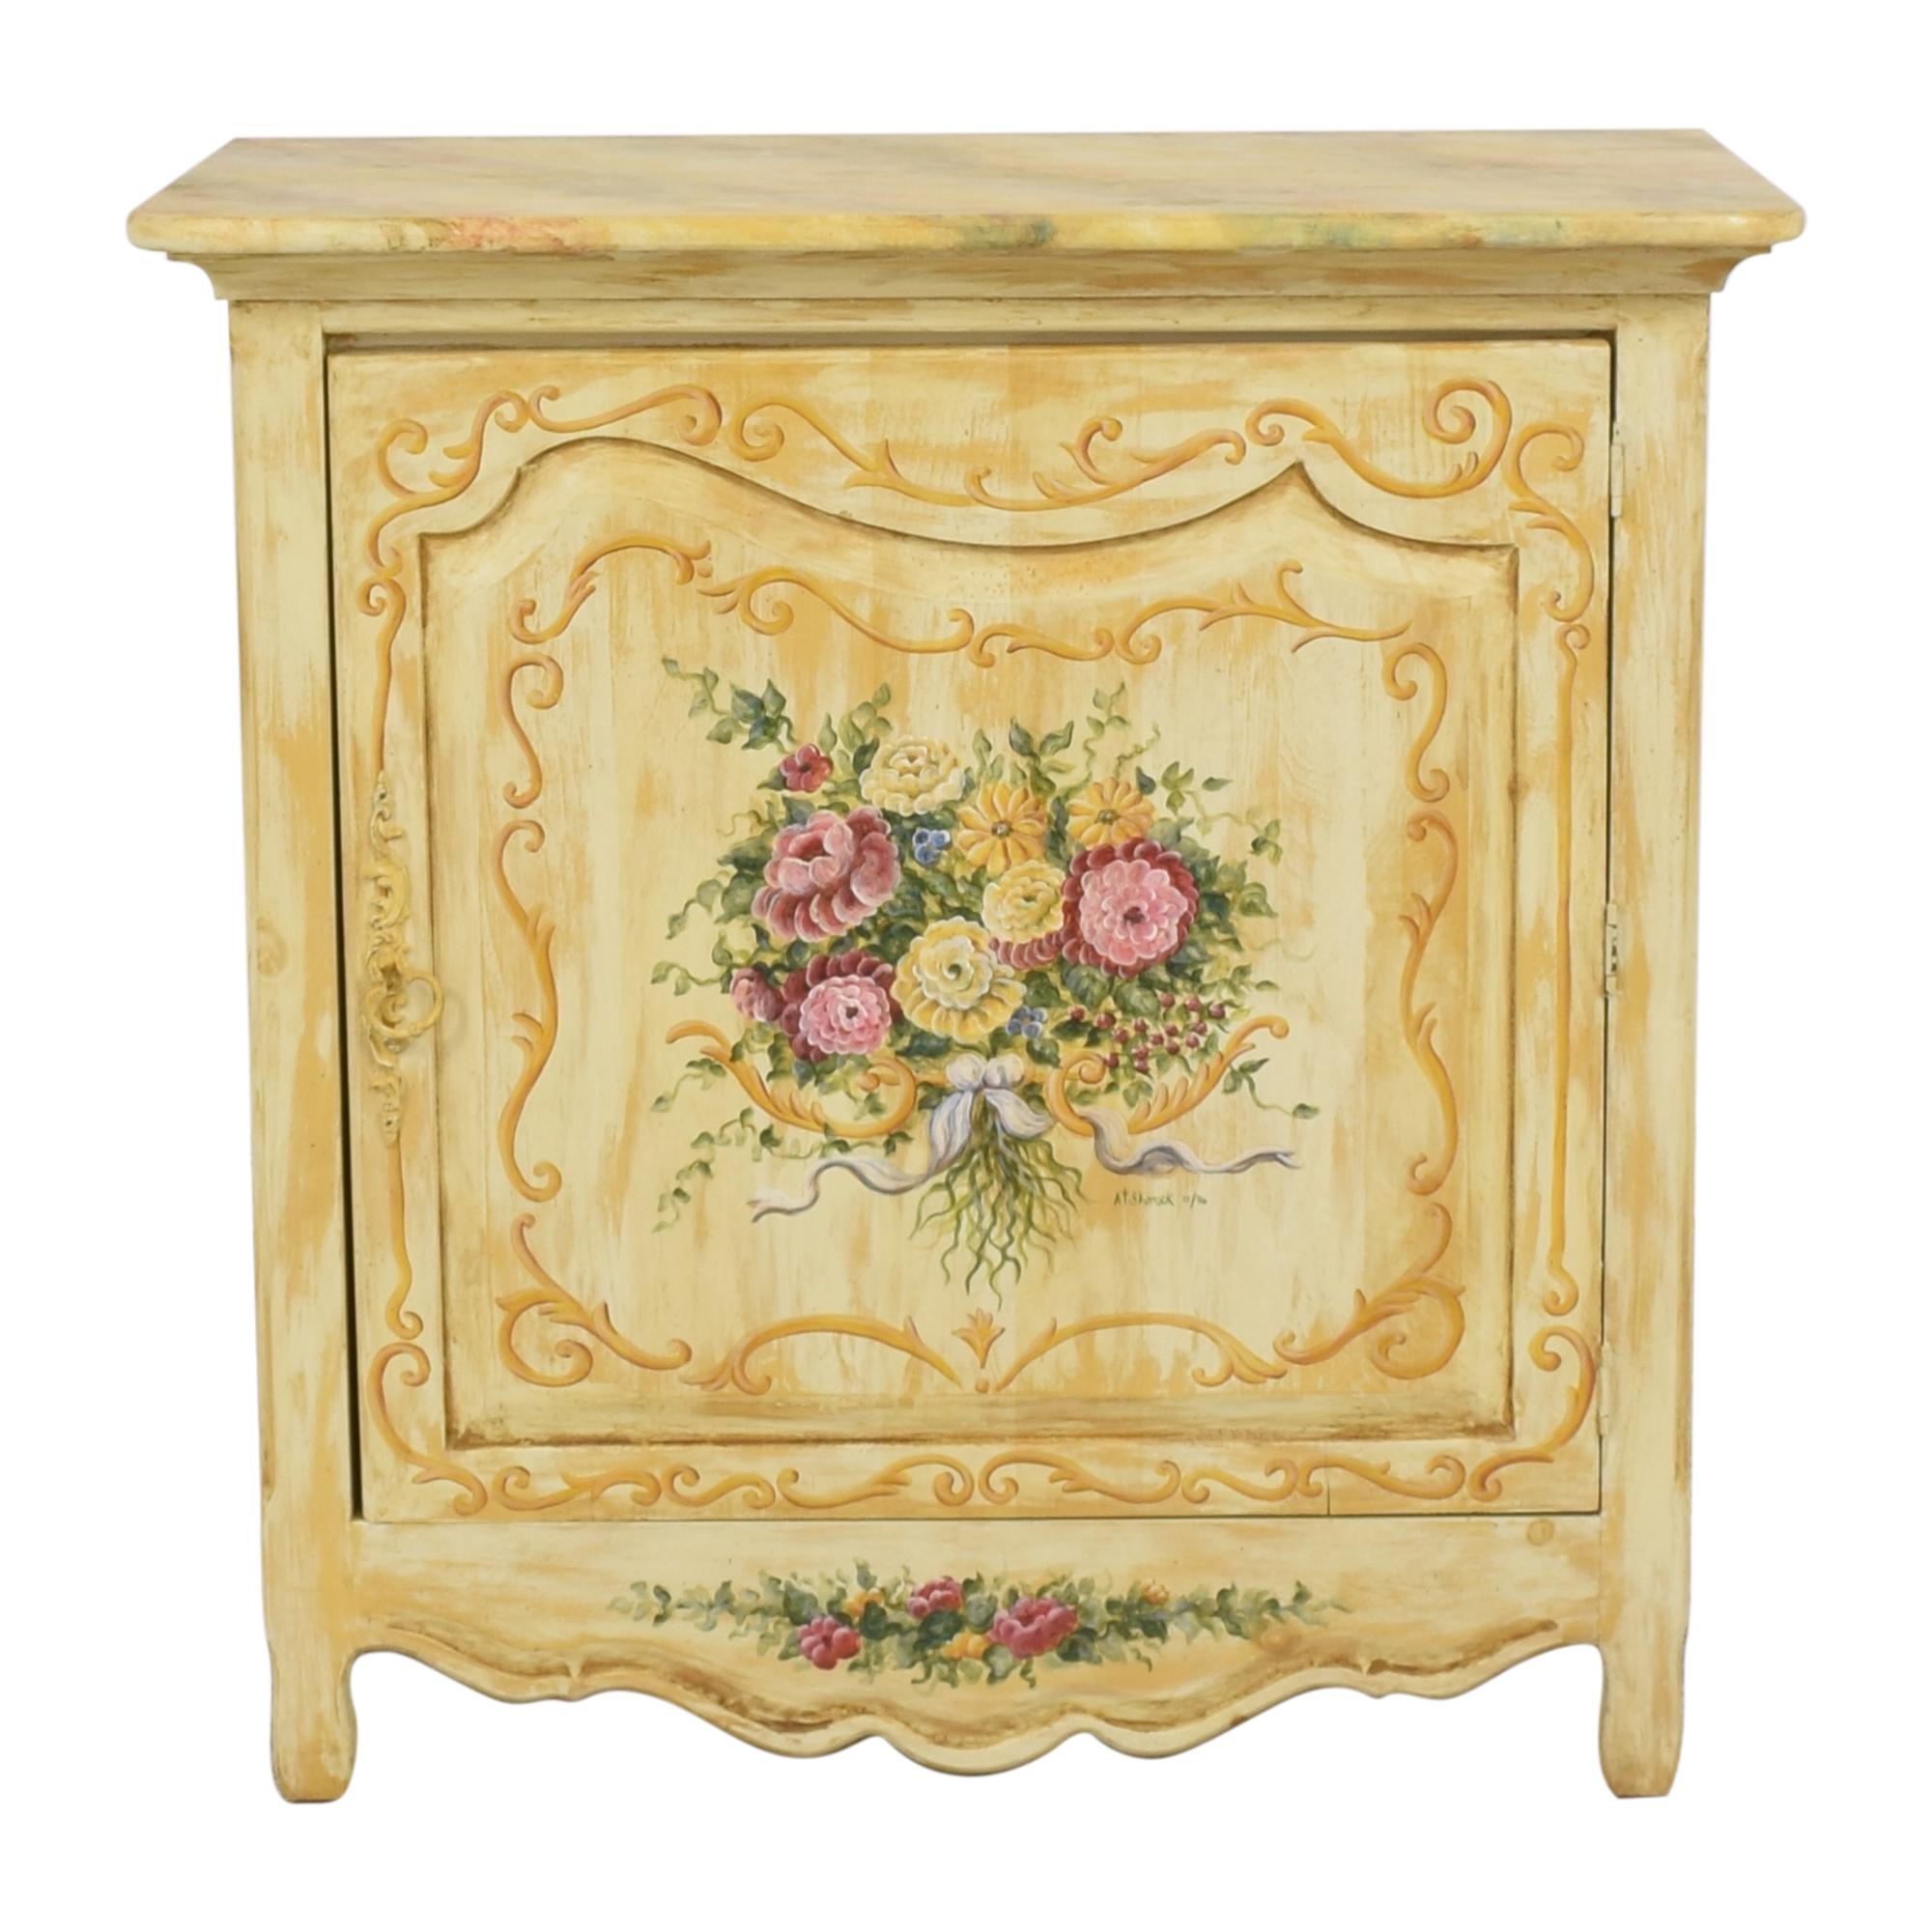 Habersham Habersham Antique-Style Side Table nyc